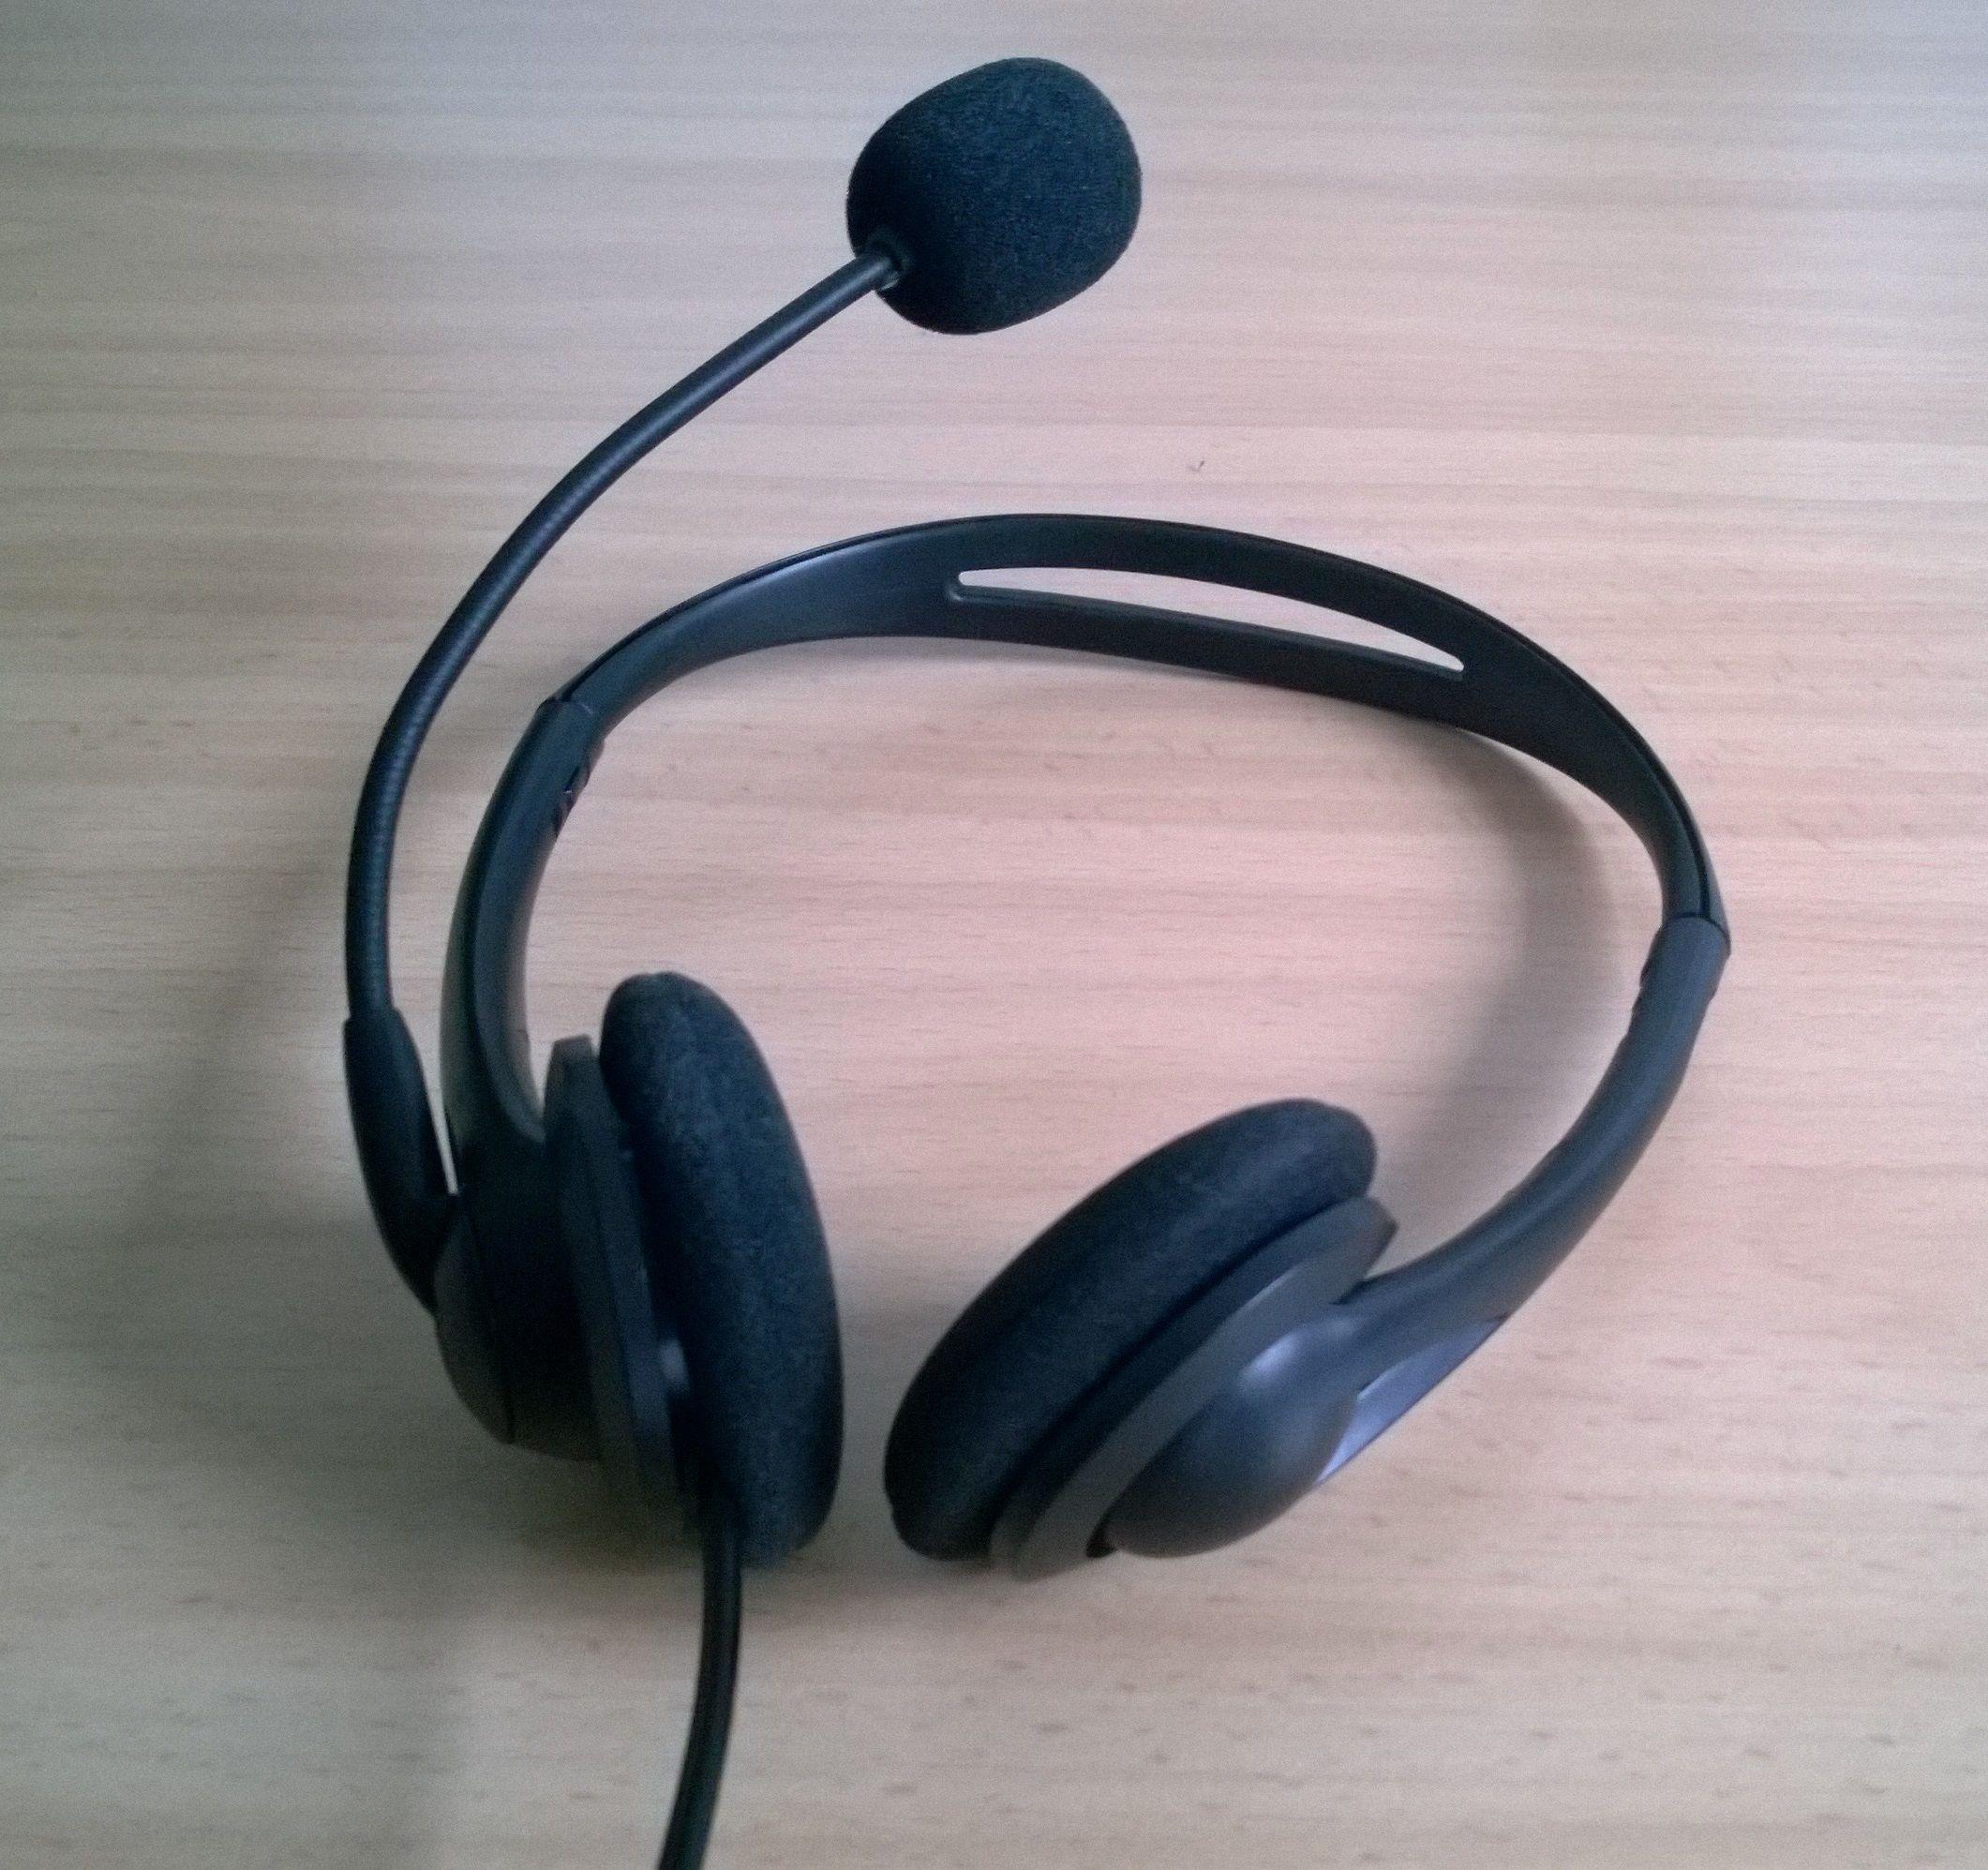 Headset_Naturally_Speaking-470.jpg?nocache=1373632024523